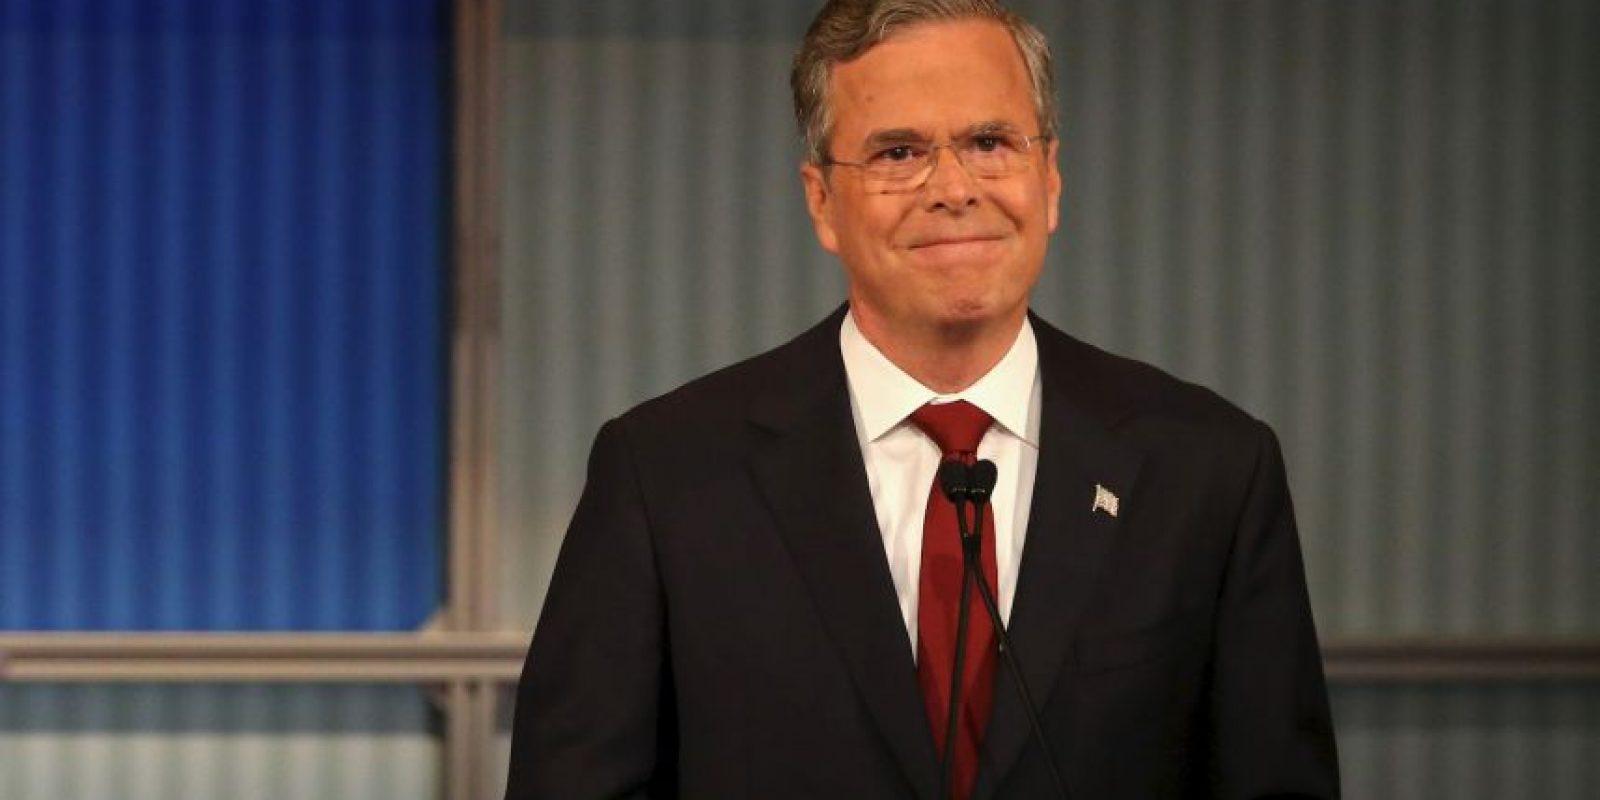 La cadena de televisión Fox estuvo a cargo de su transmisión. Foto:Getty Images